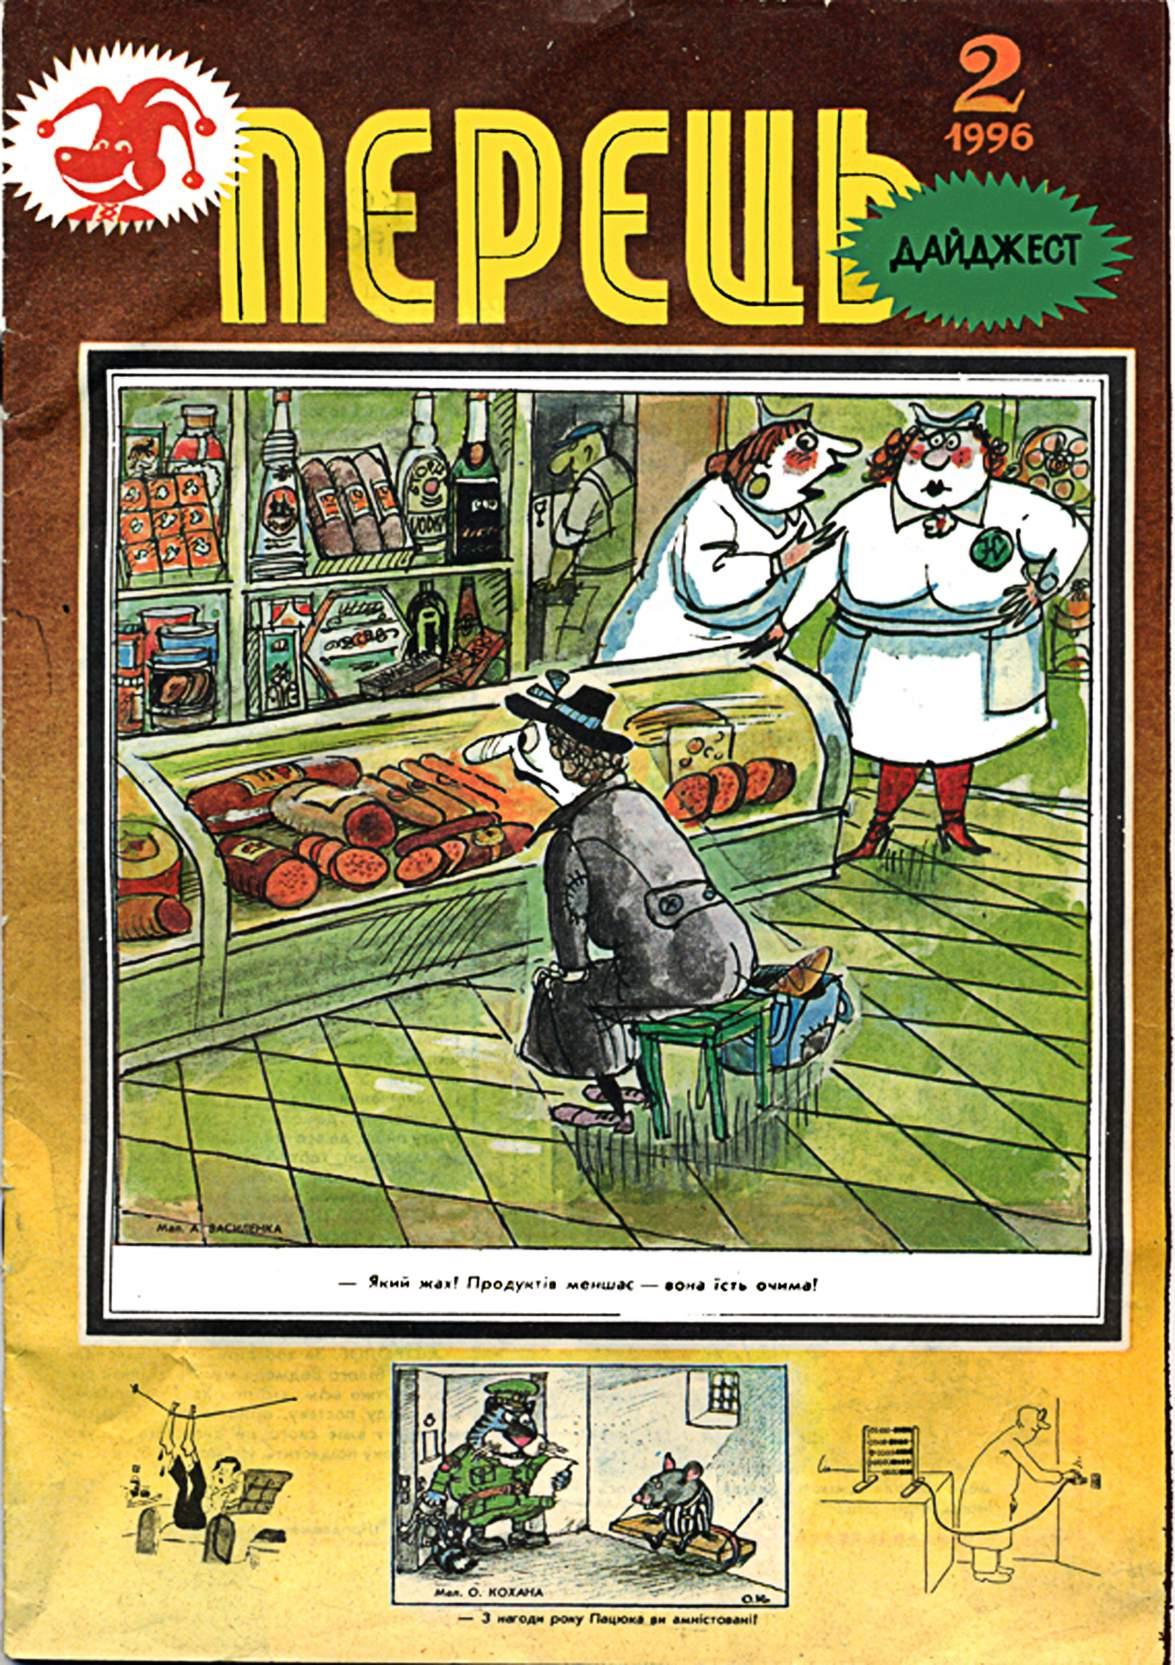 Журнал перець 1996 №02 Дайджест